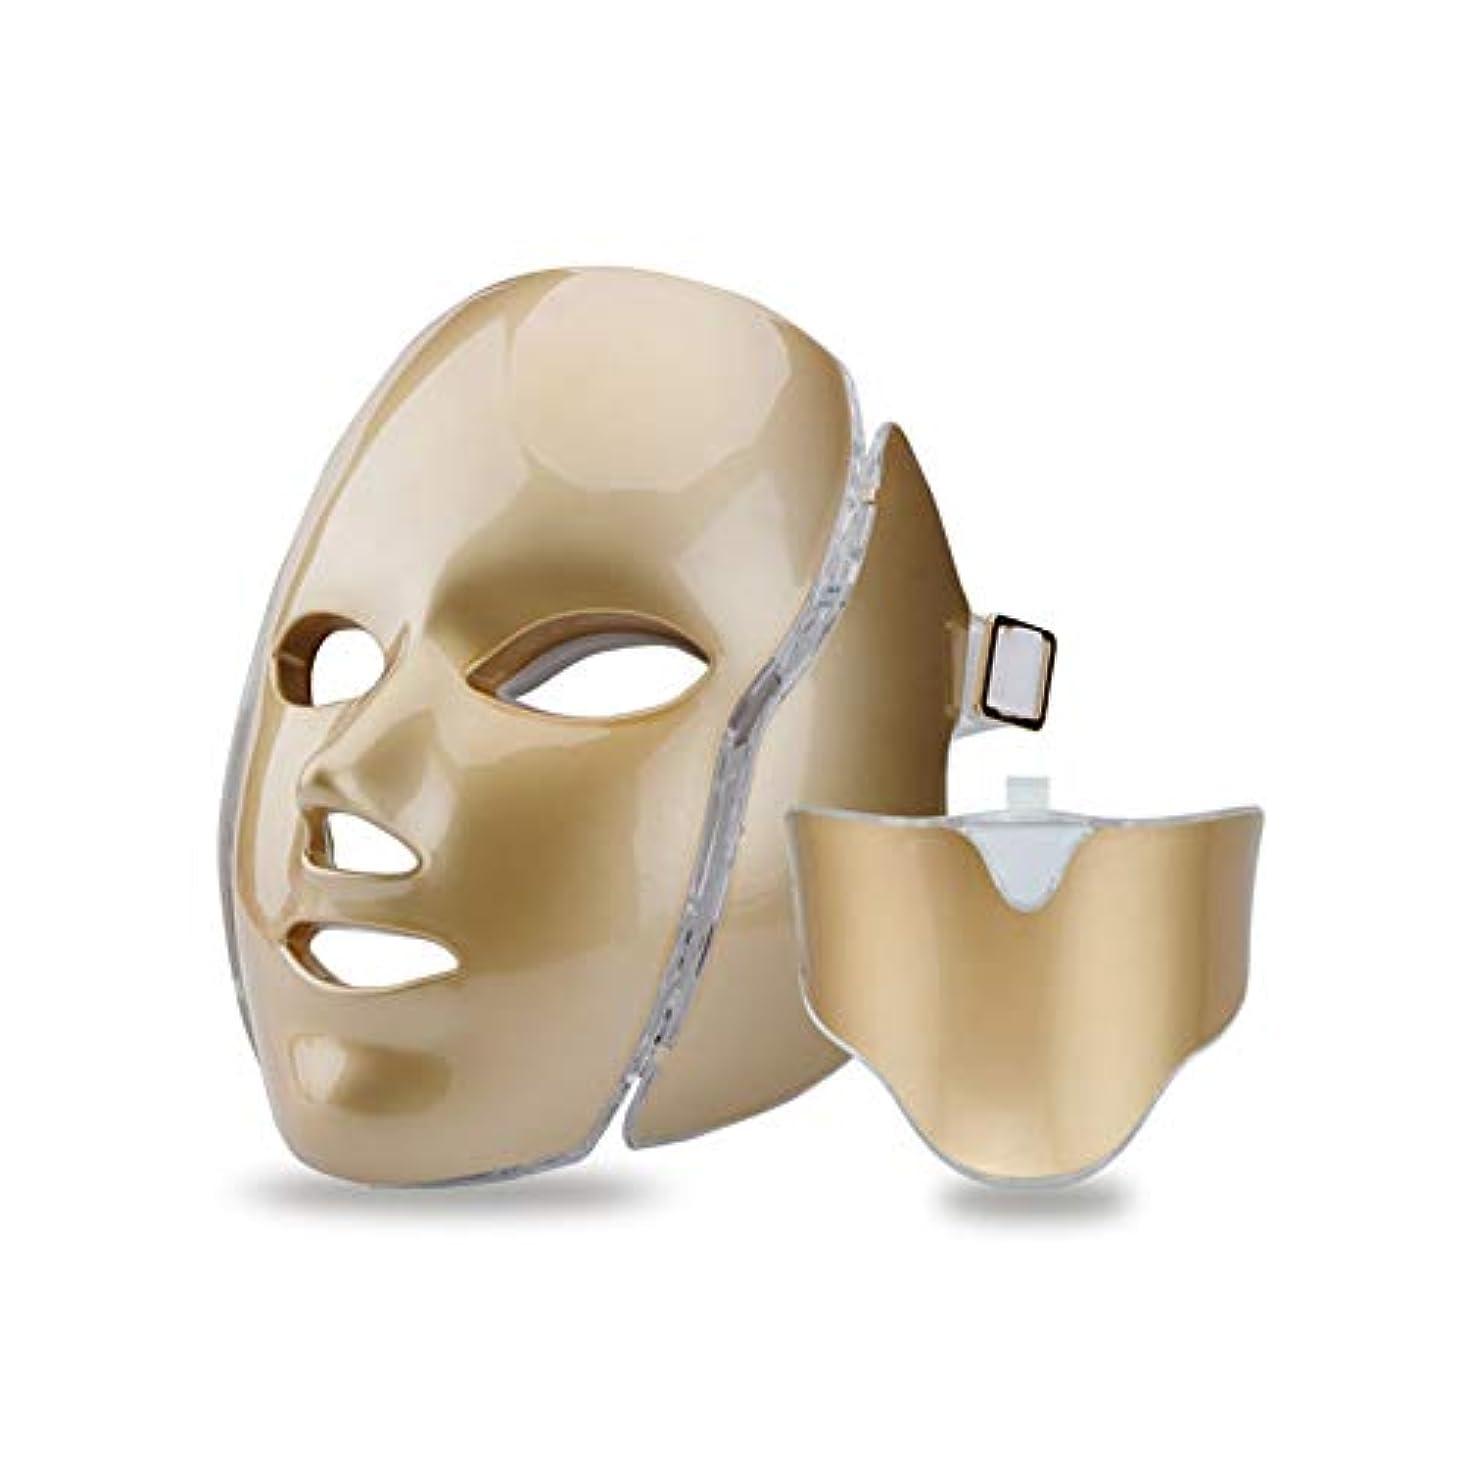 浮くファンタジーハッピー赤色光光子治療機7色ledマスク+首、肌の若返りニキビフェイシャルスパ美容機器,Gold